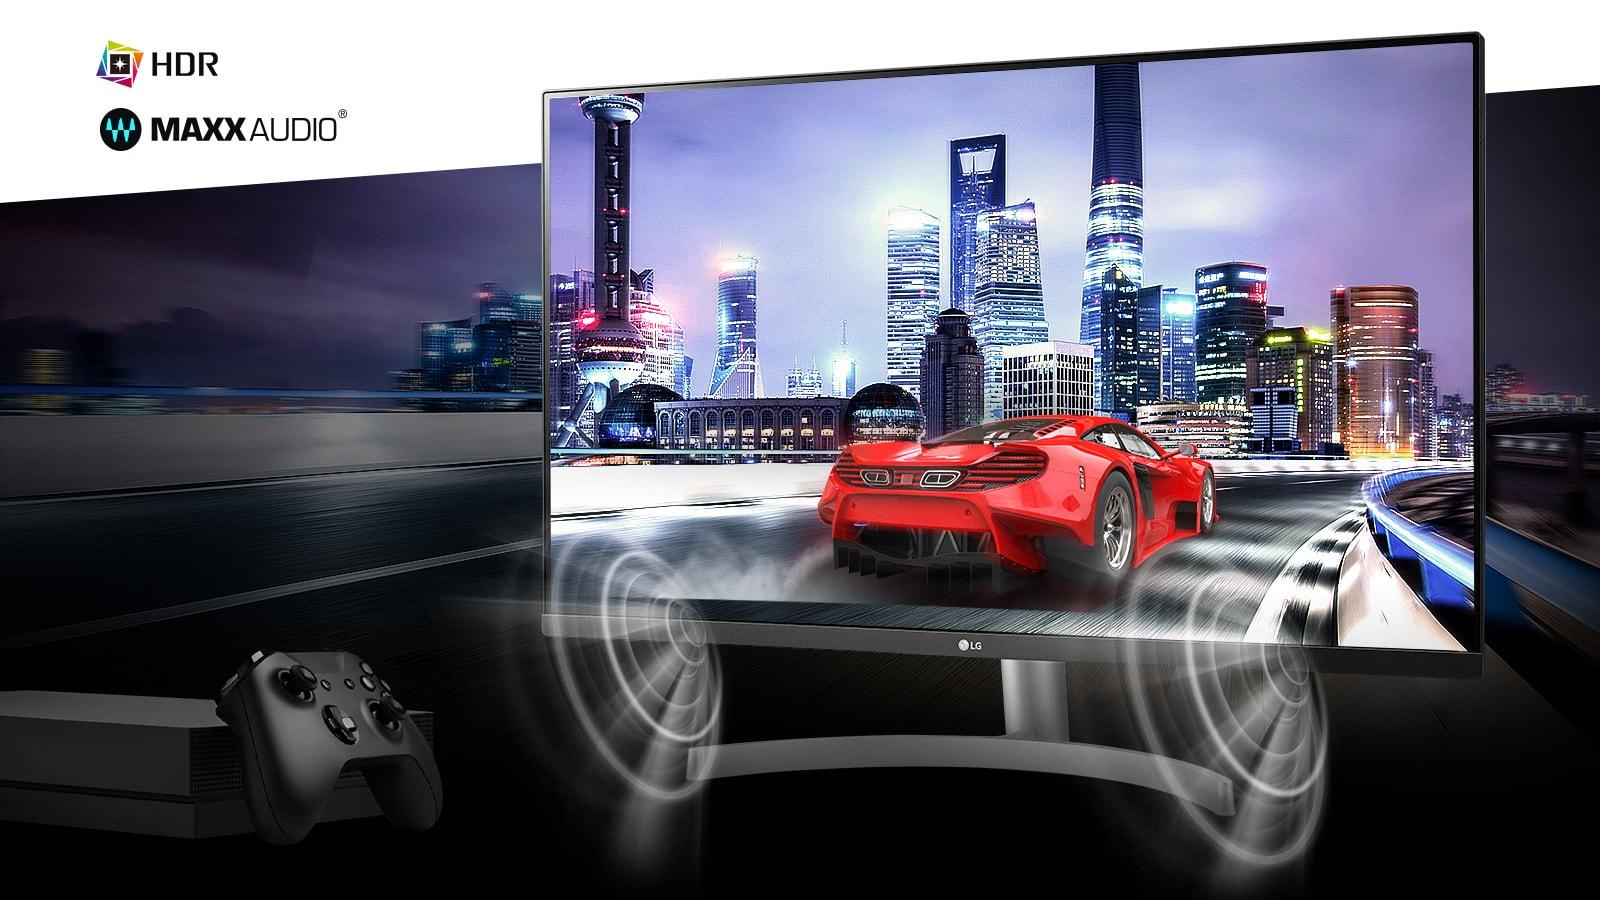 Đắm chìm trong trò chơi bảng điều khiển 4K HDR chân thực với cảnh xe hơi với MAXXAUDIO®